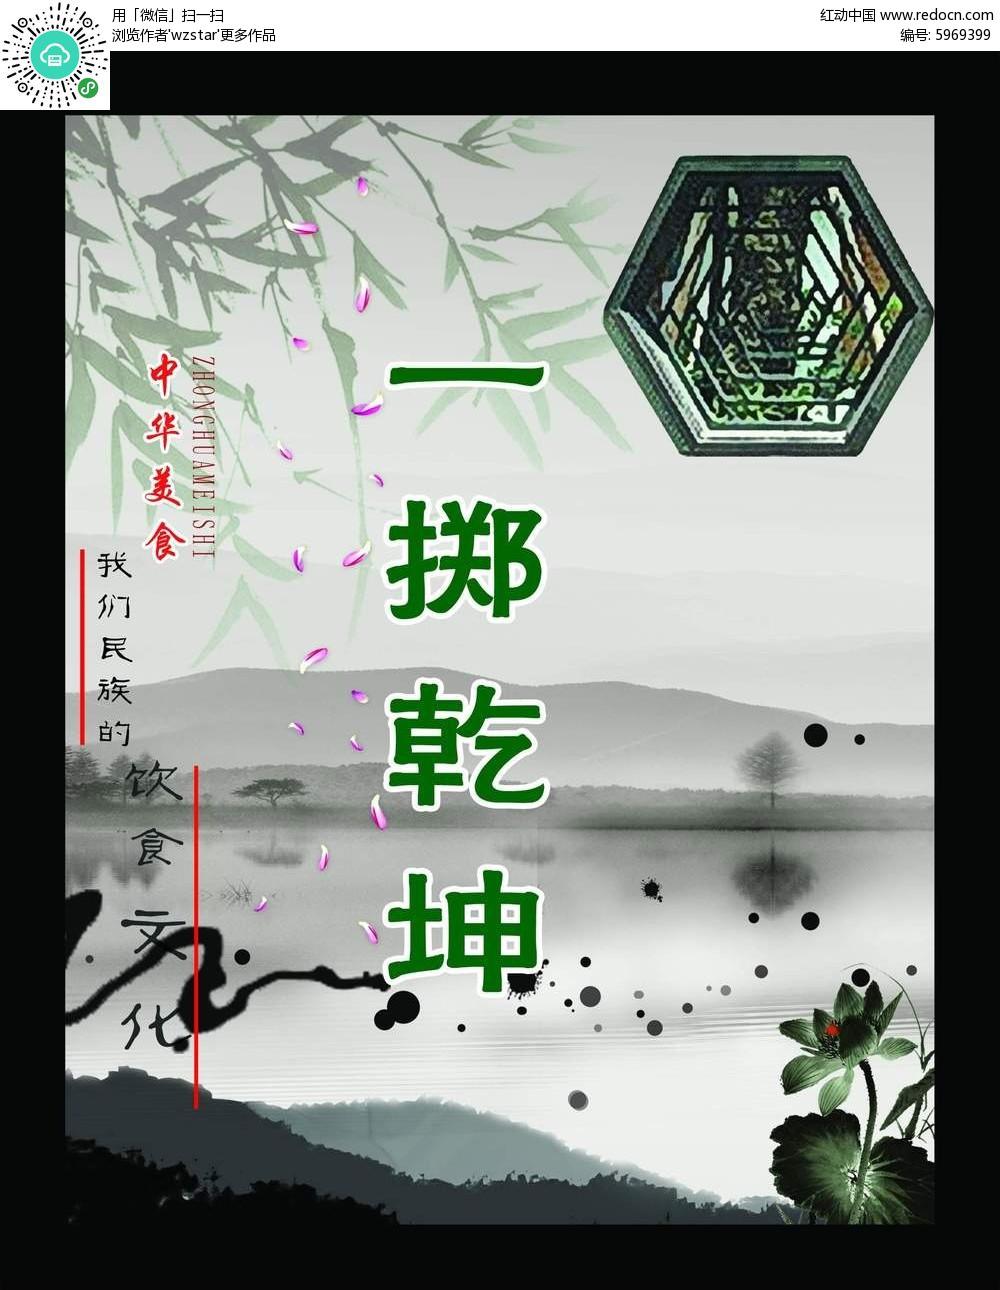 园林素材创意海报